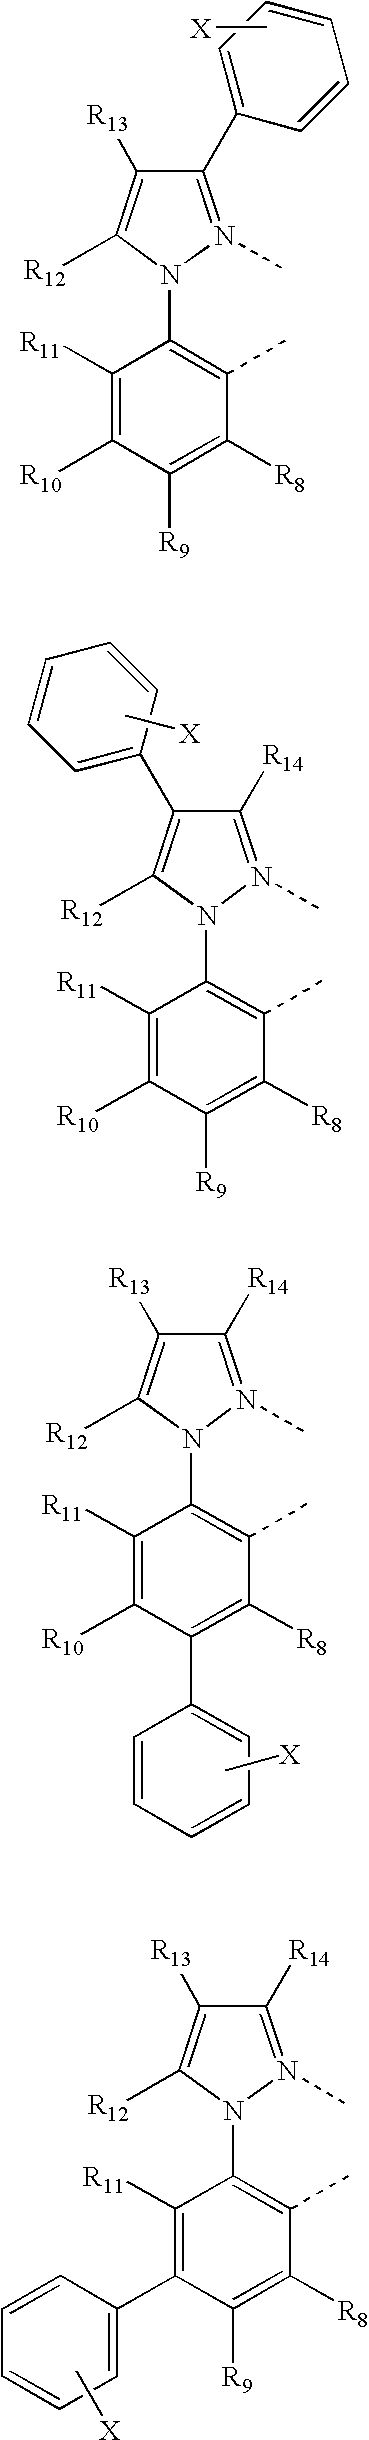 Figure US07338722-20080304-C00015